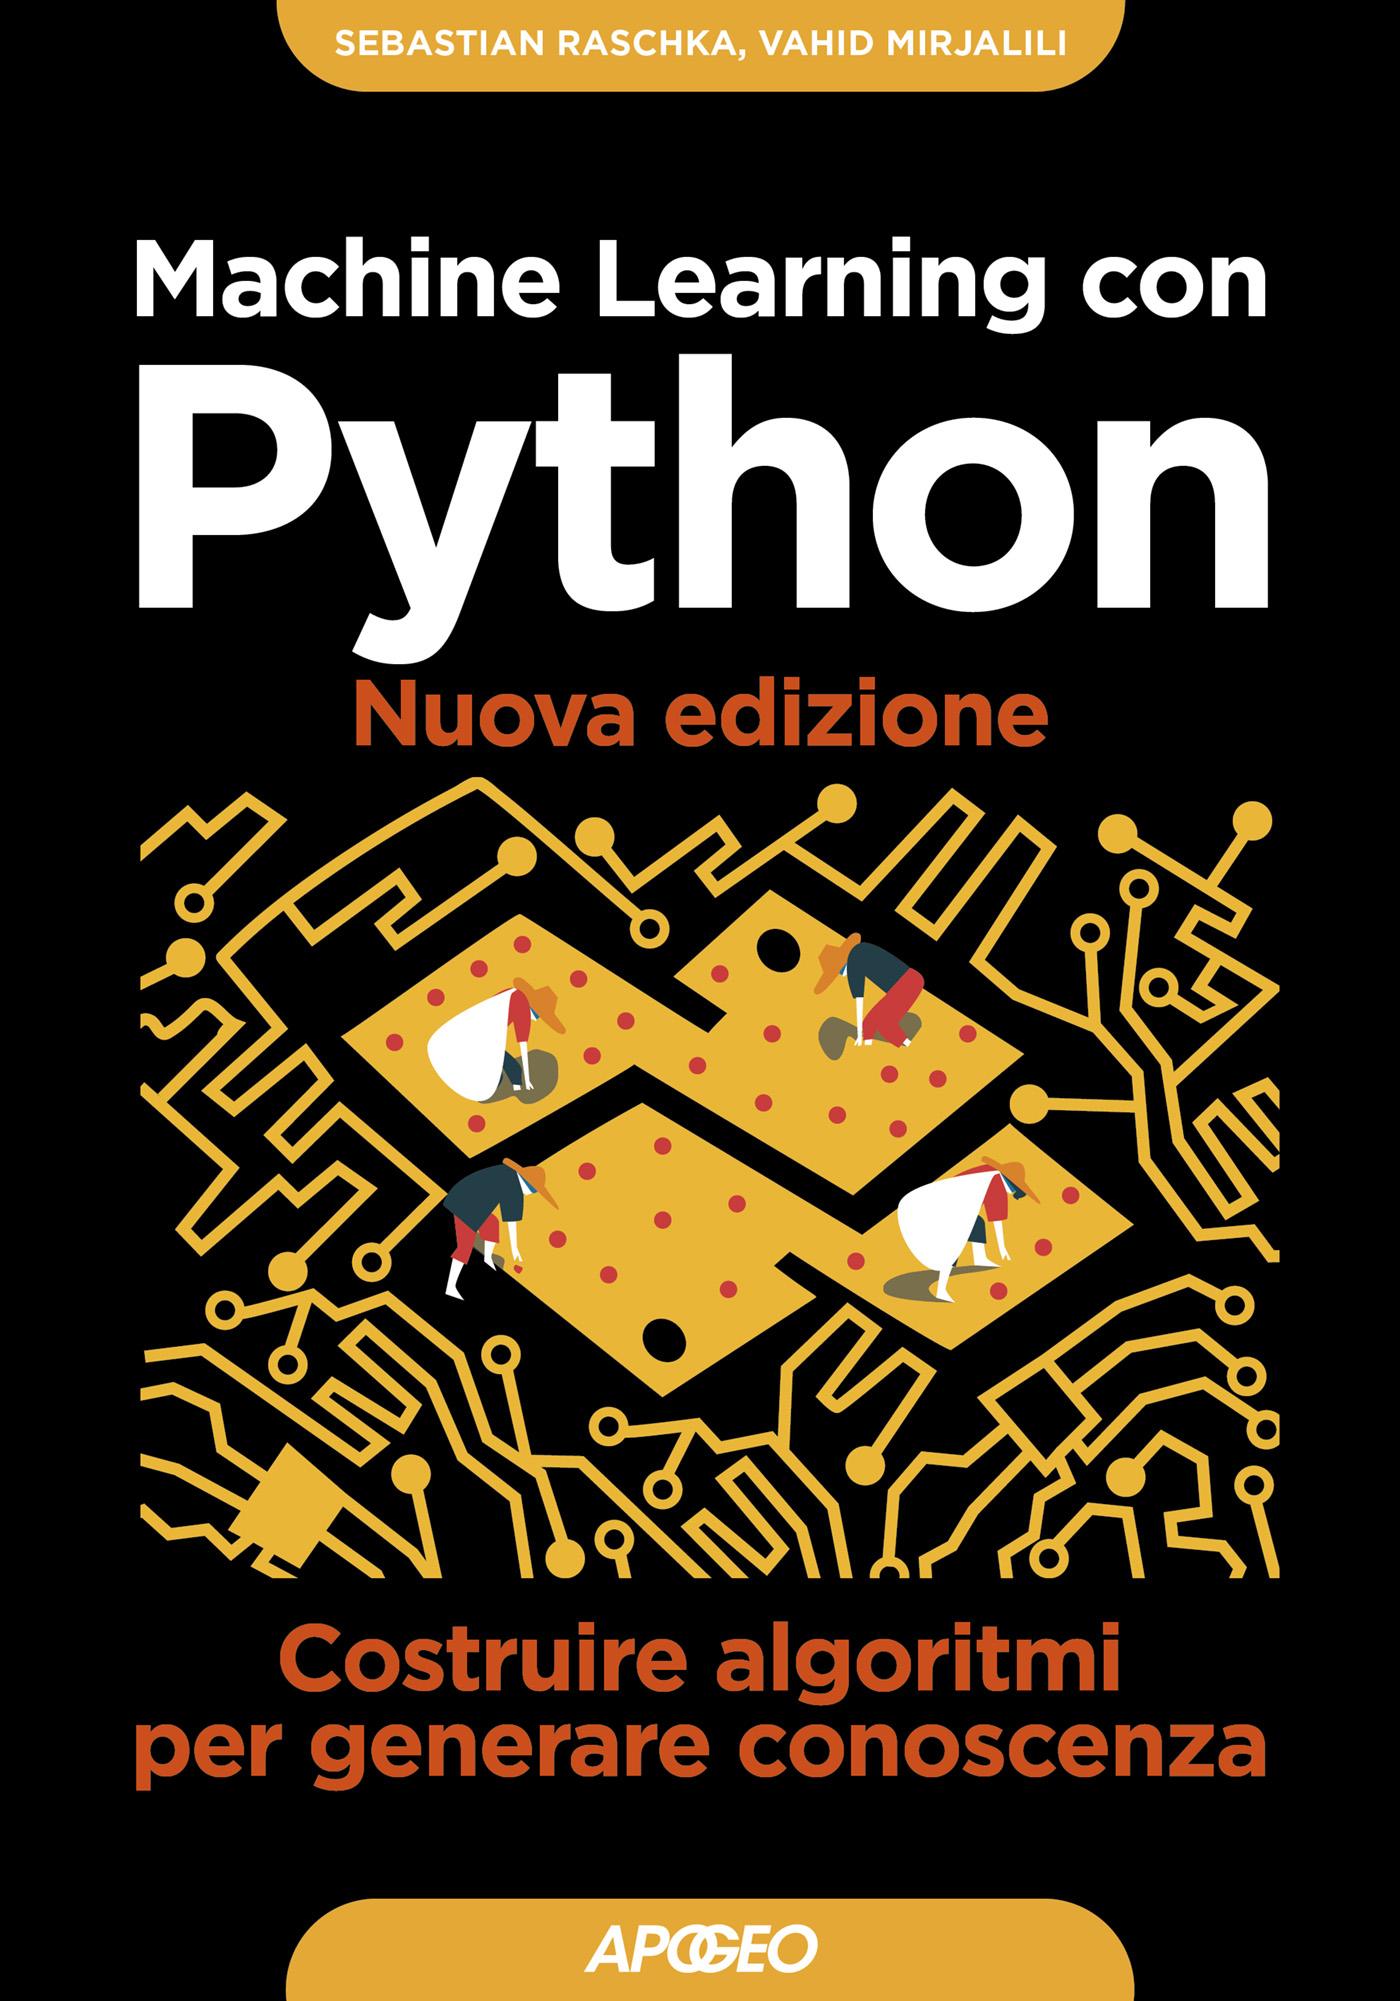 Machine Learning con Python – Nuova edizione